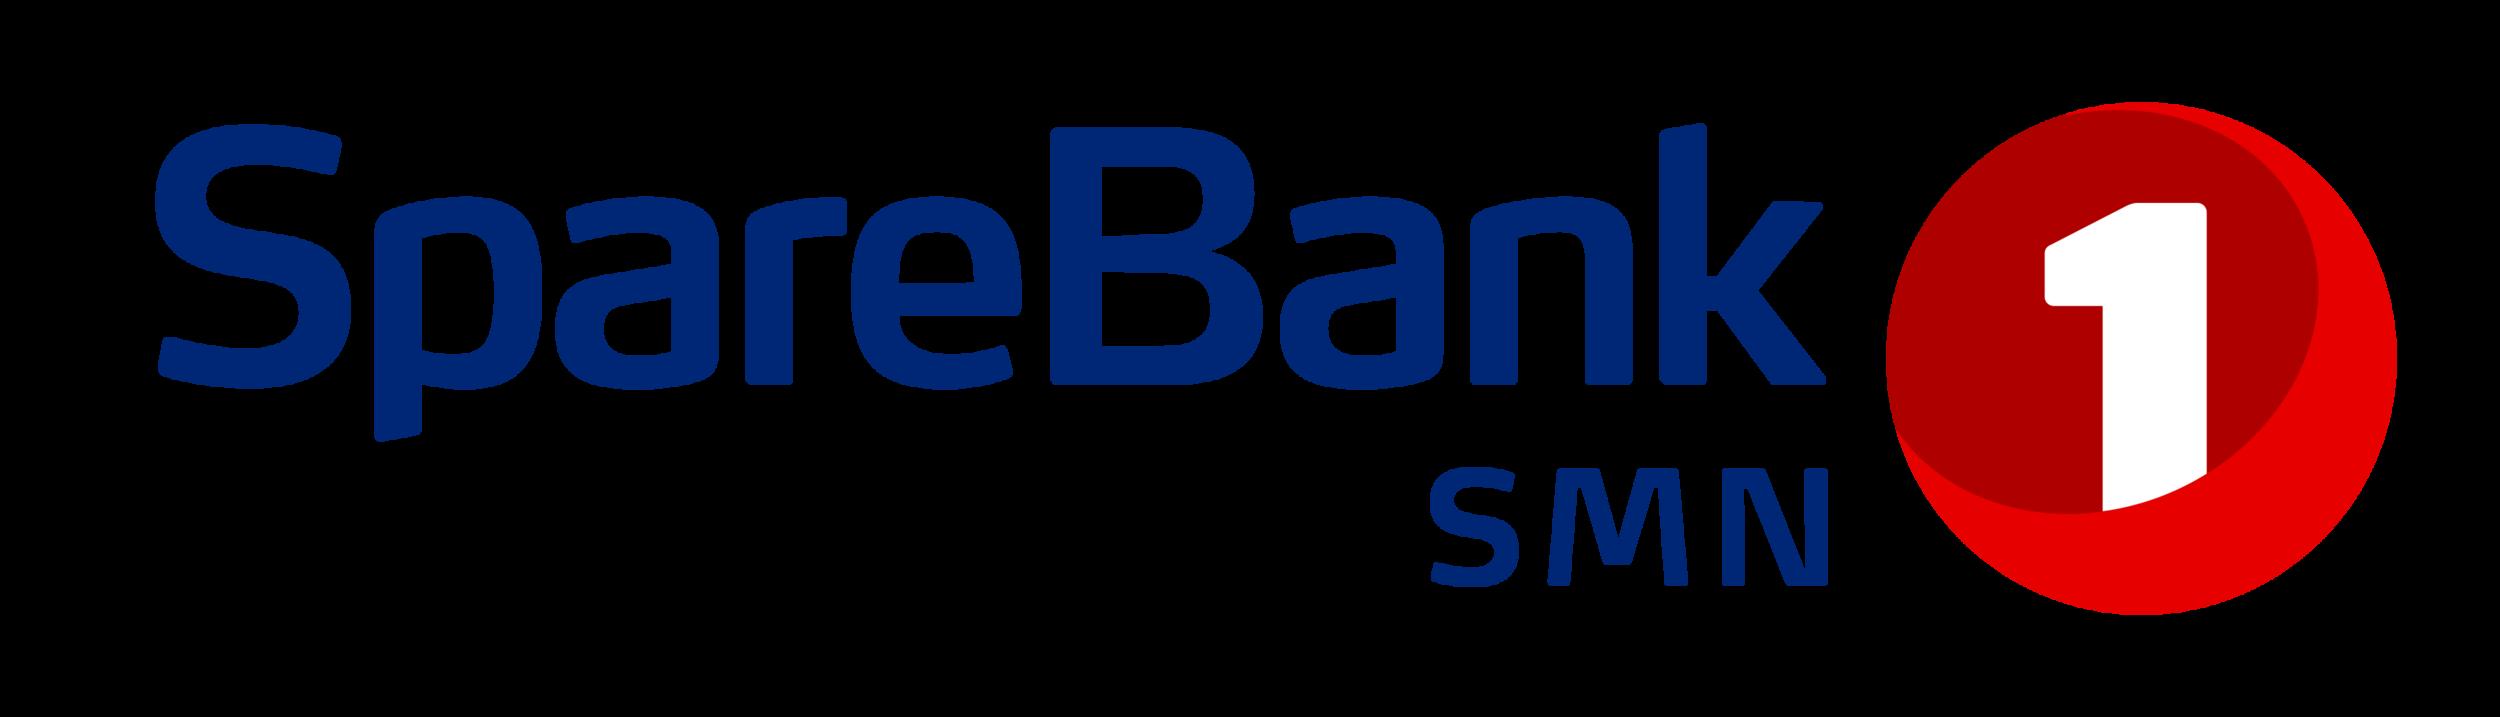 sparebank 1 logo PNG.png